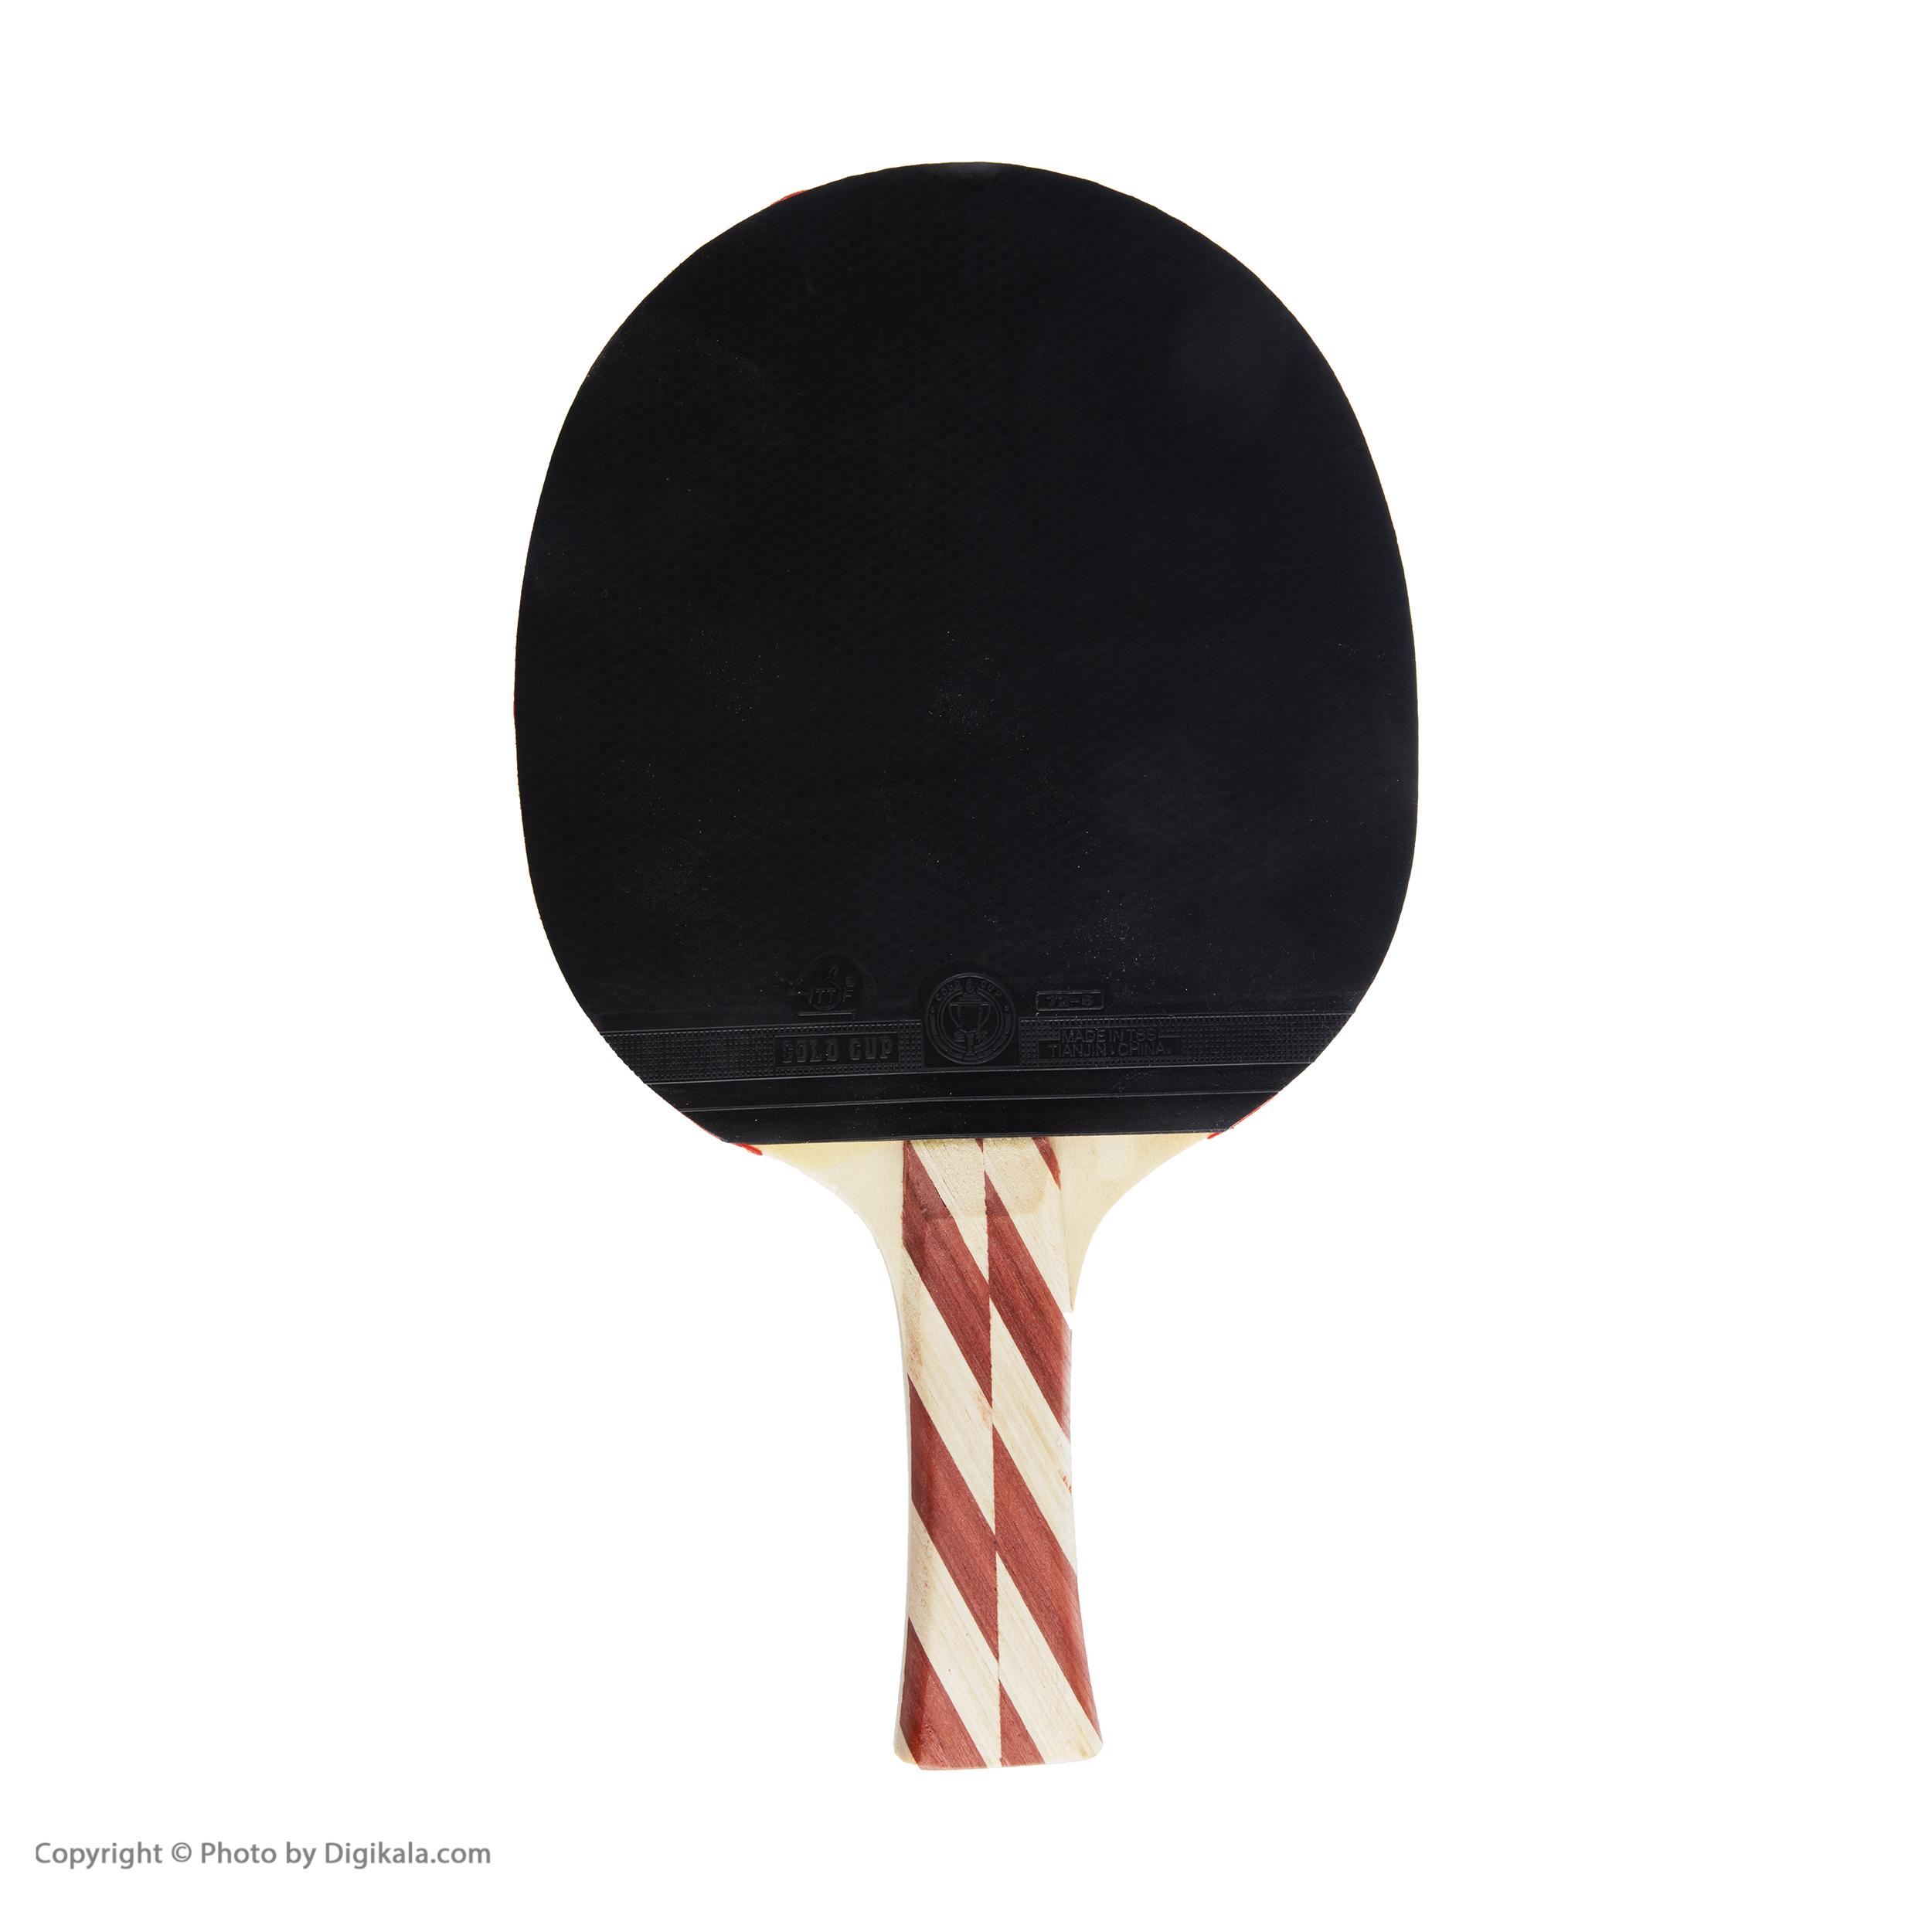 راکت پینگ پنگ گلد کاپ کد 123 main 1 1